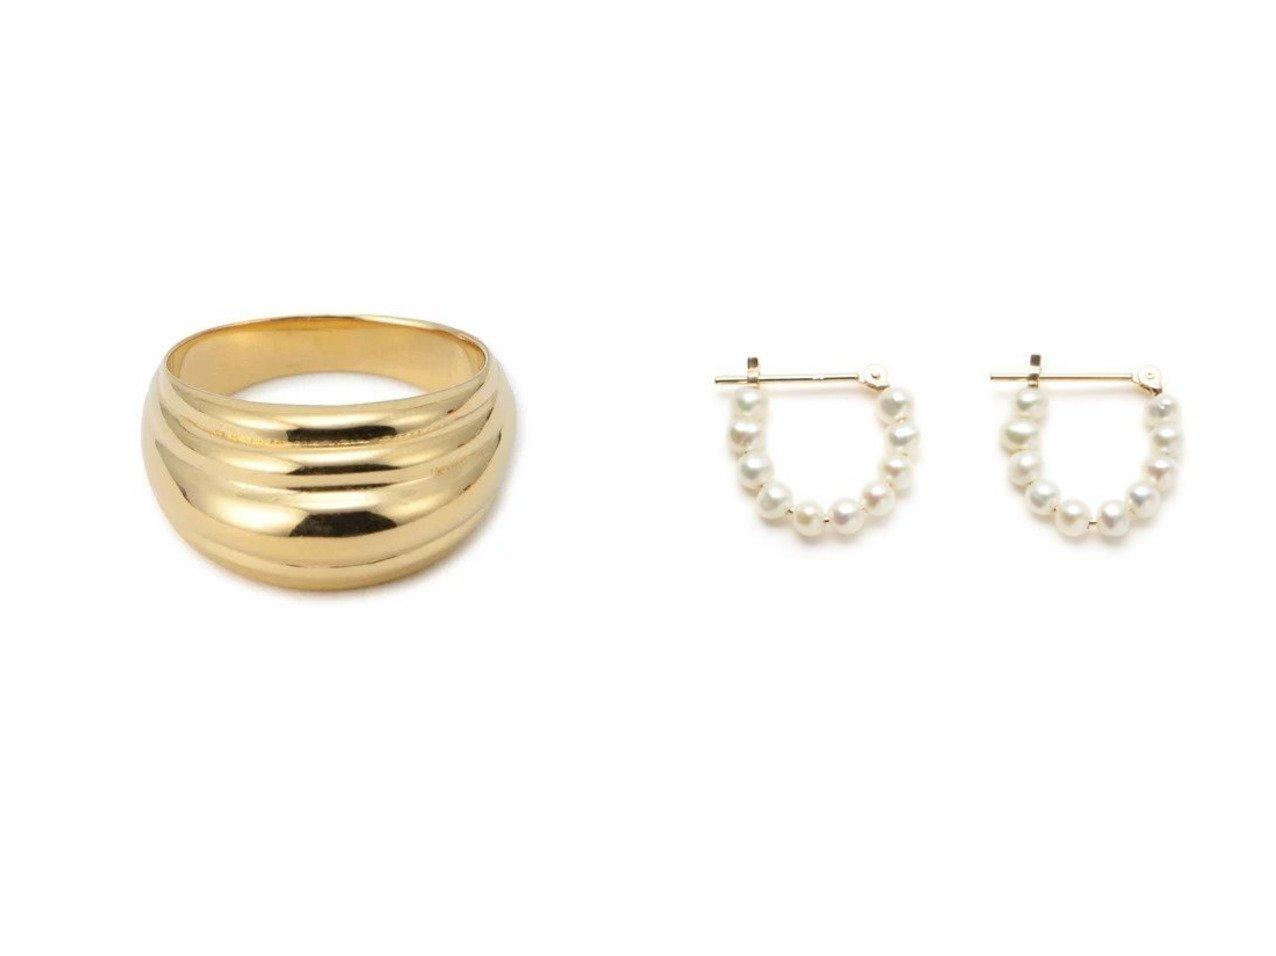 【SOPHIE BUHAI/ソフィー ブハイ】のGold Blondeau Pinky Ring&【M7days bijoux/エムセブンデイズ ビジュー】のK10パールラウンドピアス おすすめ!人気、トレンド・レディースファッションの通販 おすすめで人気の流行・トレンド、ファッションの通販商品 インテリア・家具・メンズファッション・キッズファッション・レディースファッション・服の通販 founy(ファニー) https://founy.com/ 雑誌掲載アイテム Magazine Items ファッション雑誌 Fashion Magazines マリソル Marisol ファッション Fashion レディースファッション WOMEN 11月号 アクセサリー パール フェミニン 雑誌 フォルム フロント |ID:crp329100000074594